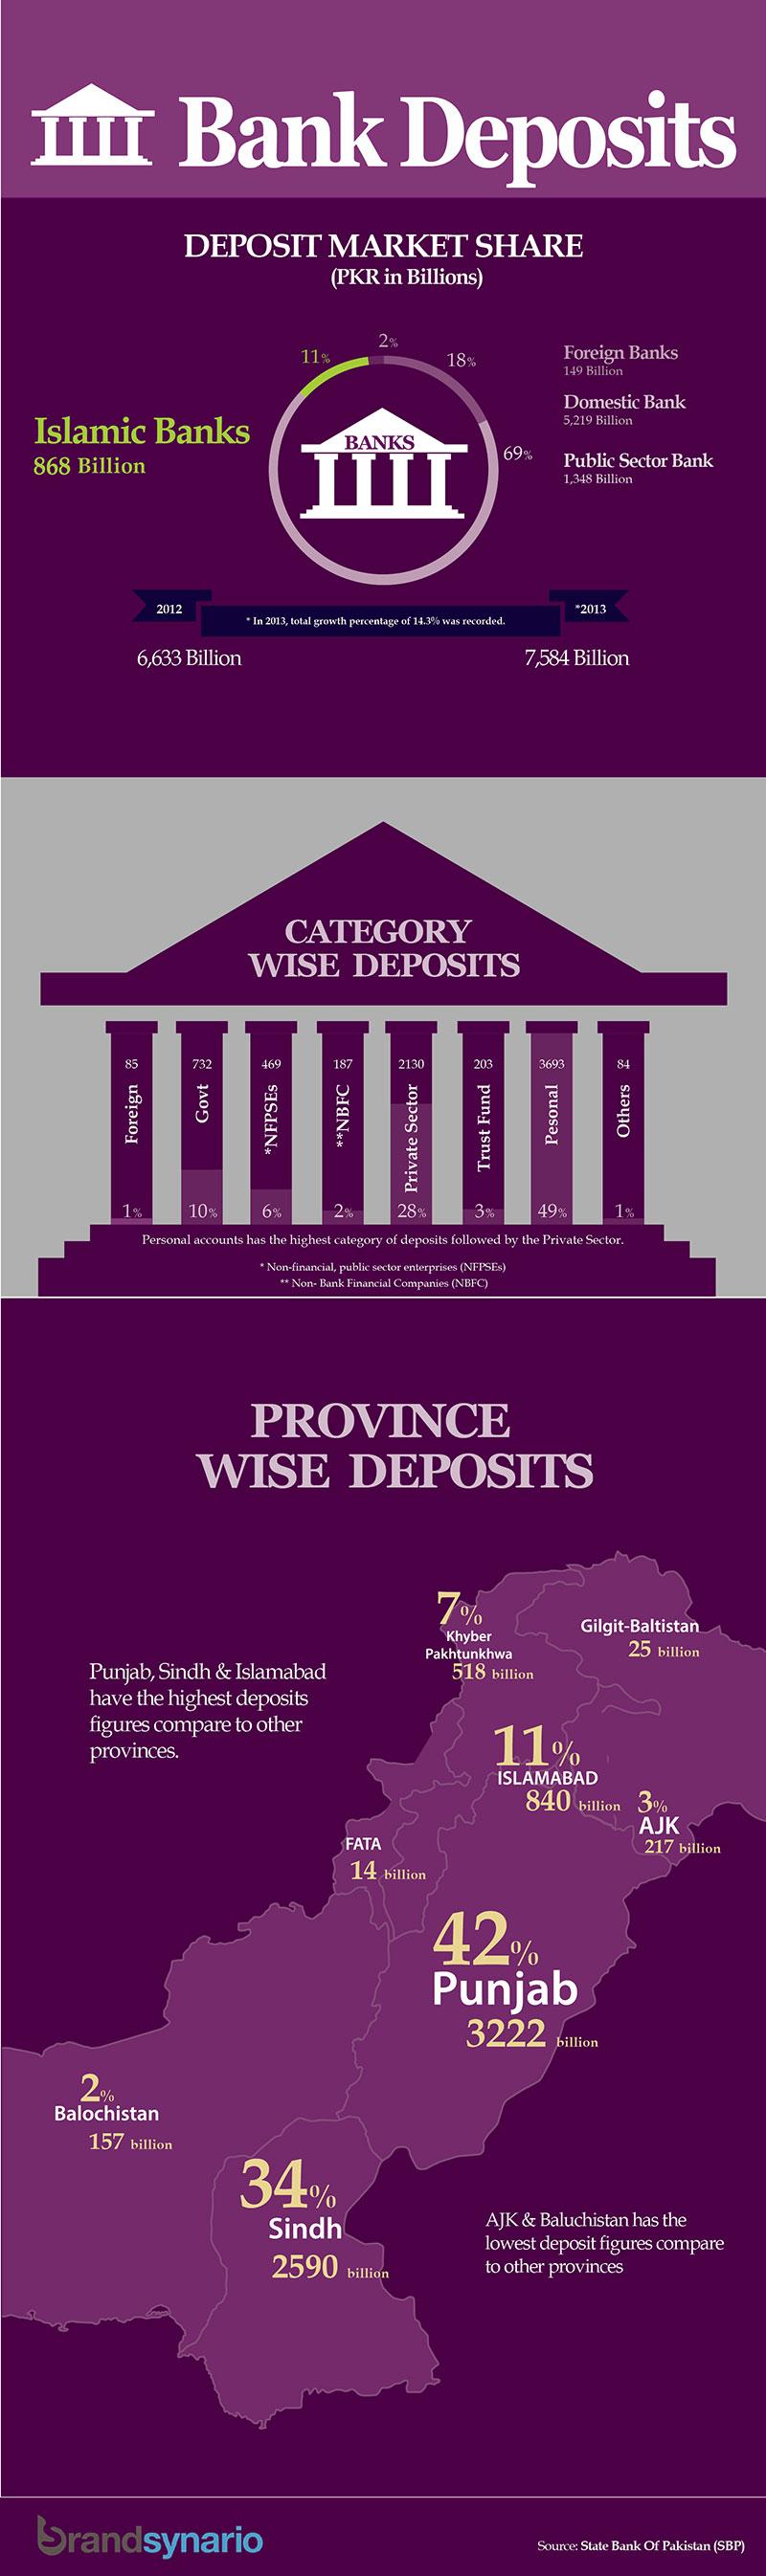 Bank-Deposits-from-Jan-Dec-2013-in-Pakistan